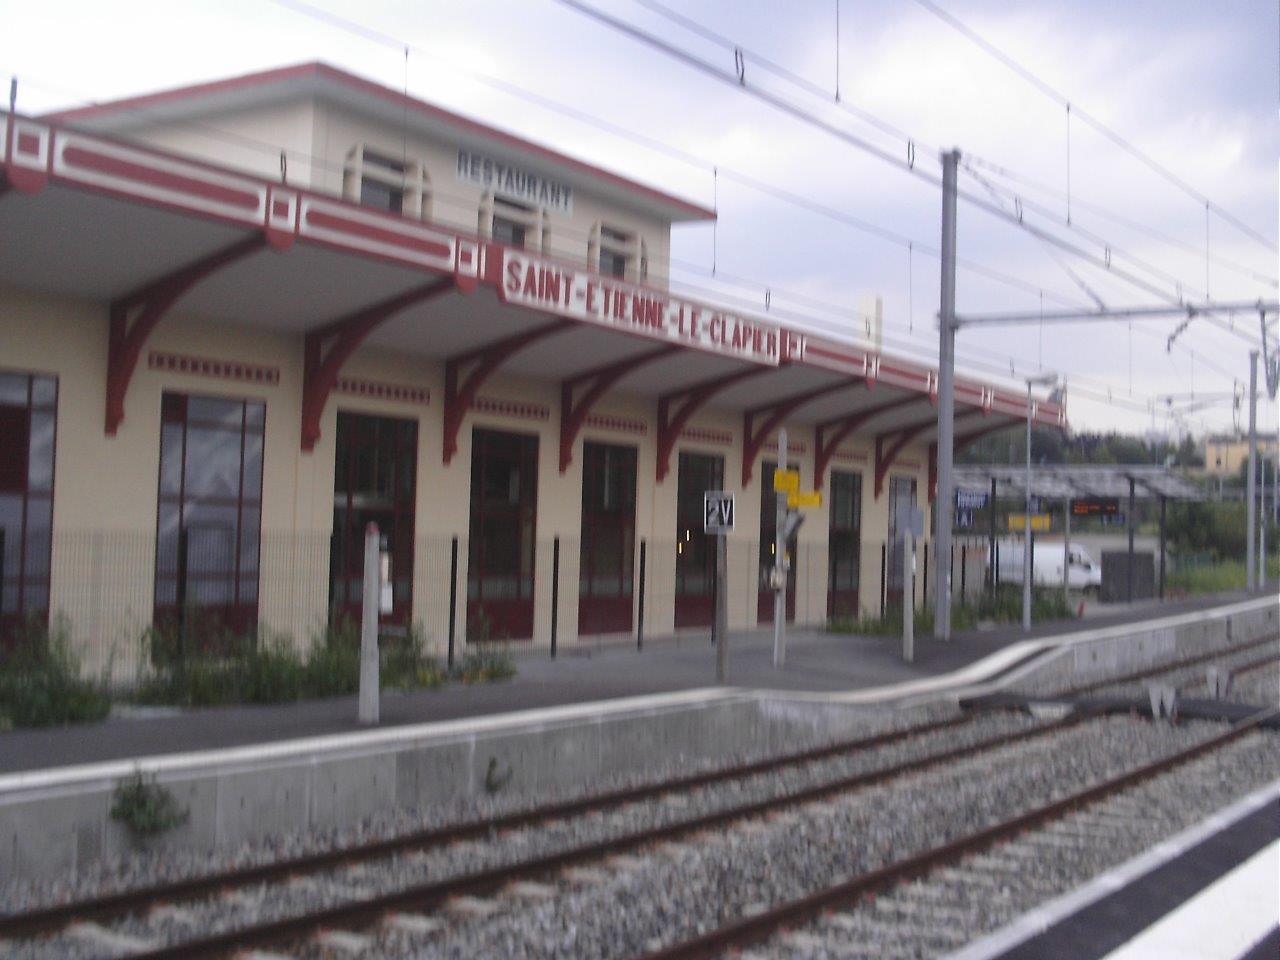 gare-de-saint-etienne-le-clapier-train-station